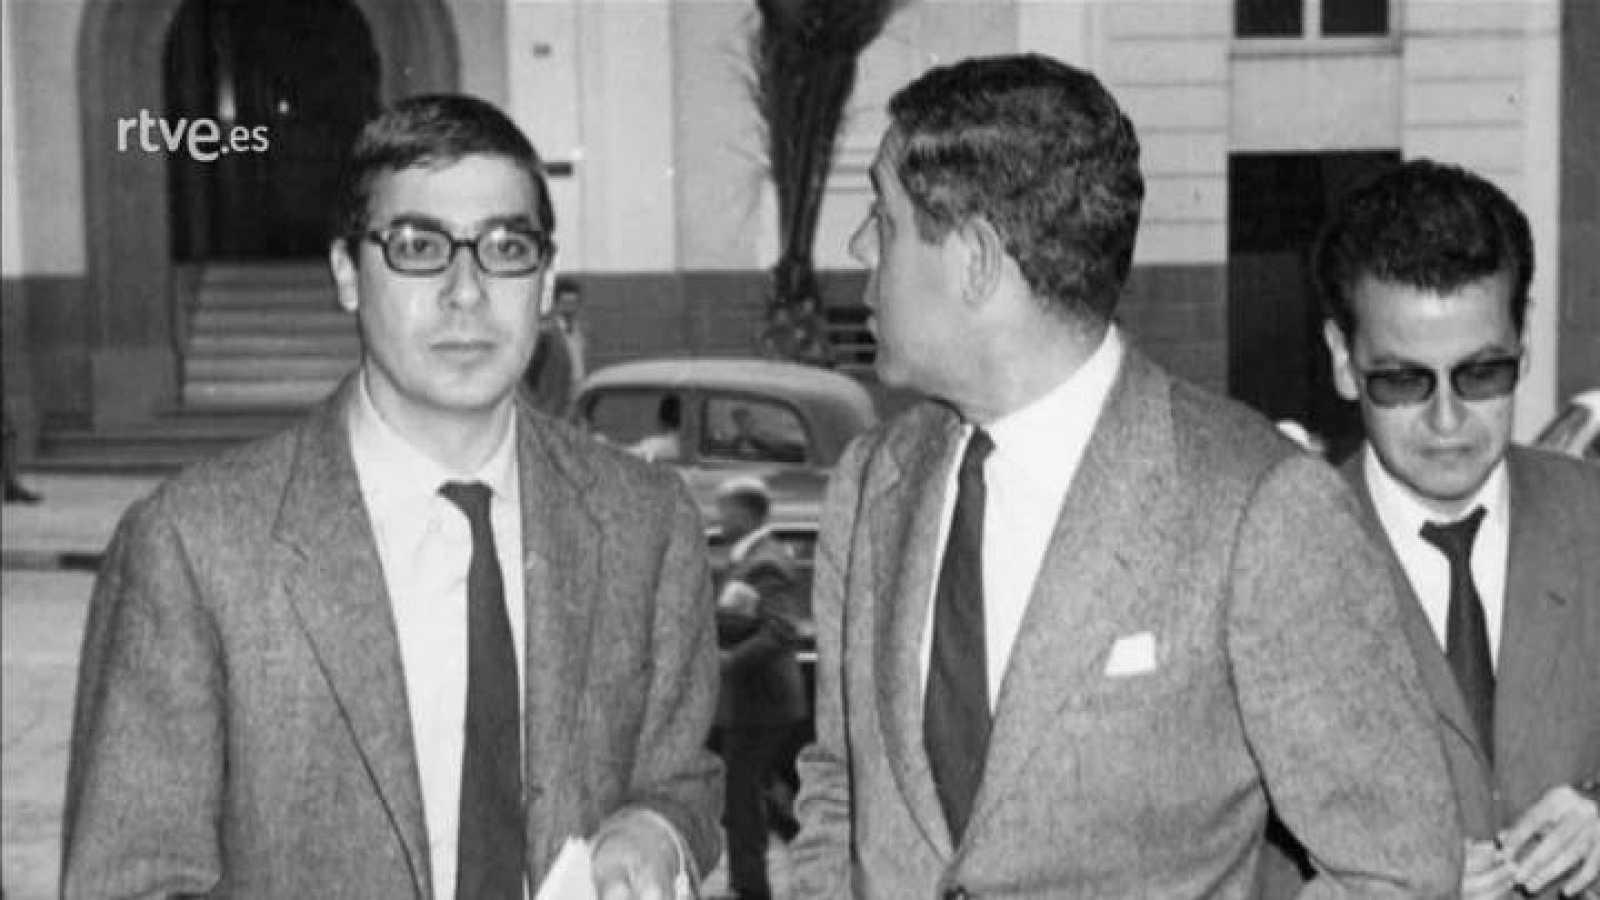 El guionista y escritor Rafael Azcona - avance